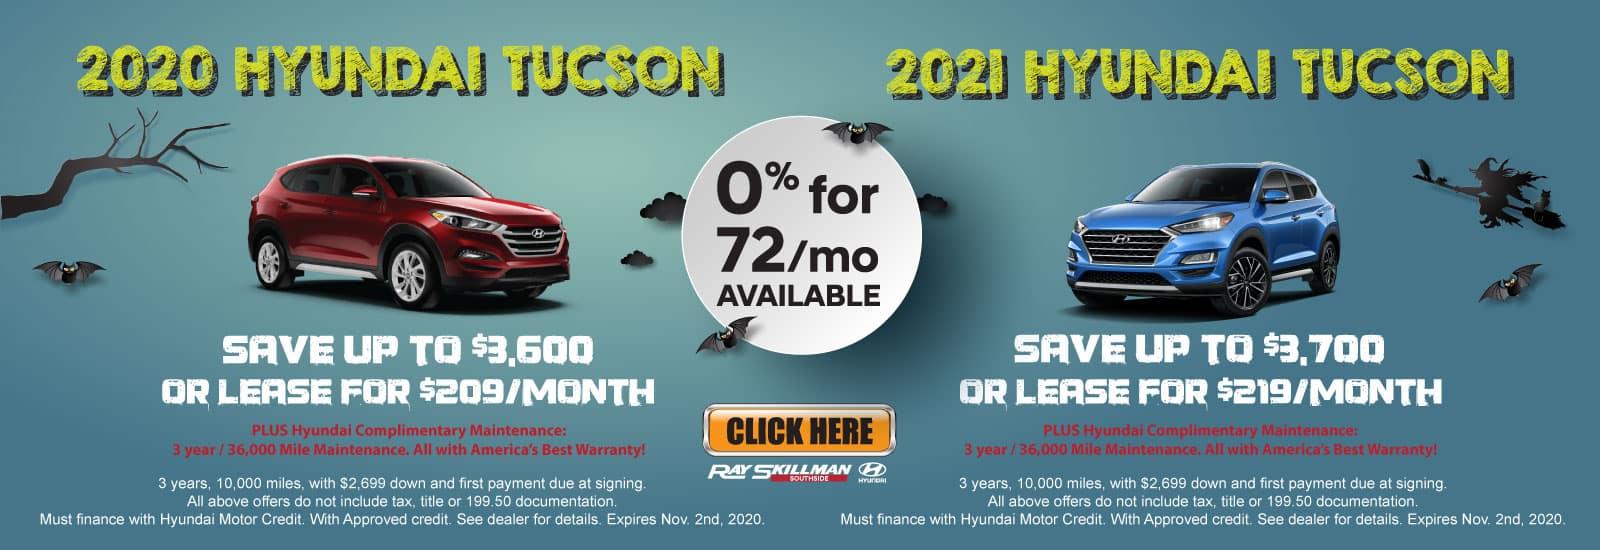 2020-&-2021-Hyundai-Tucson-Web-Banner-1600×550